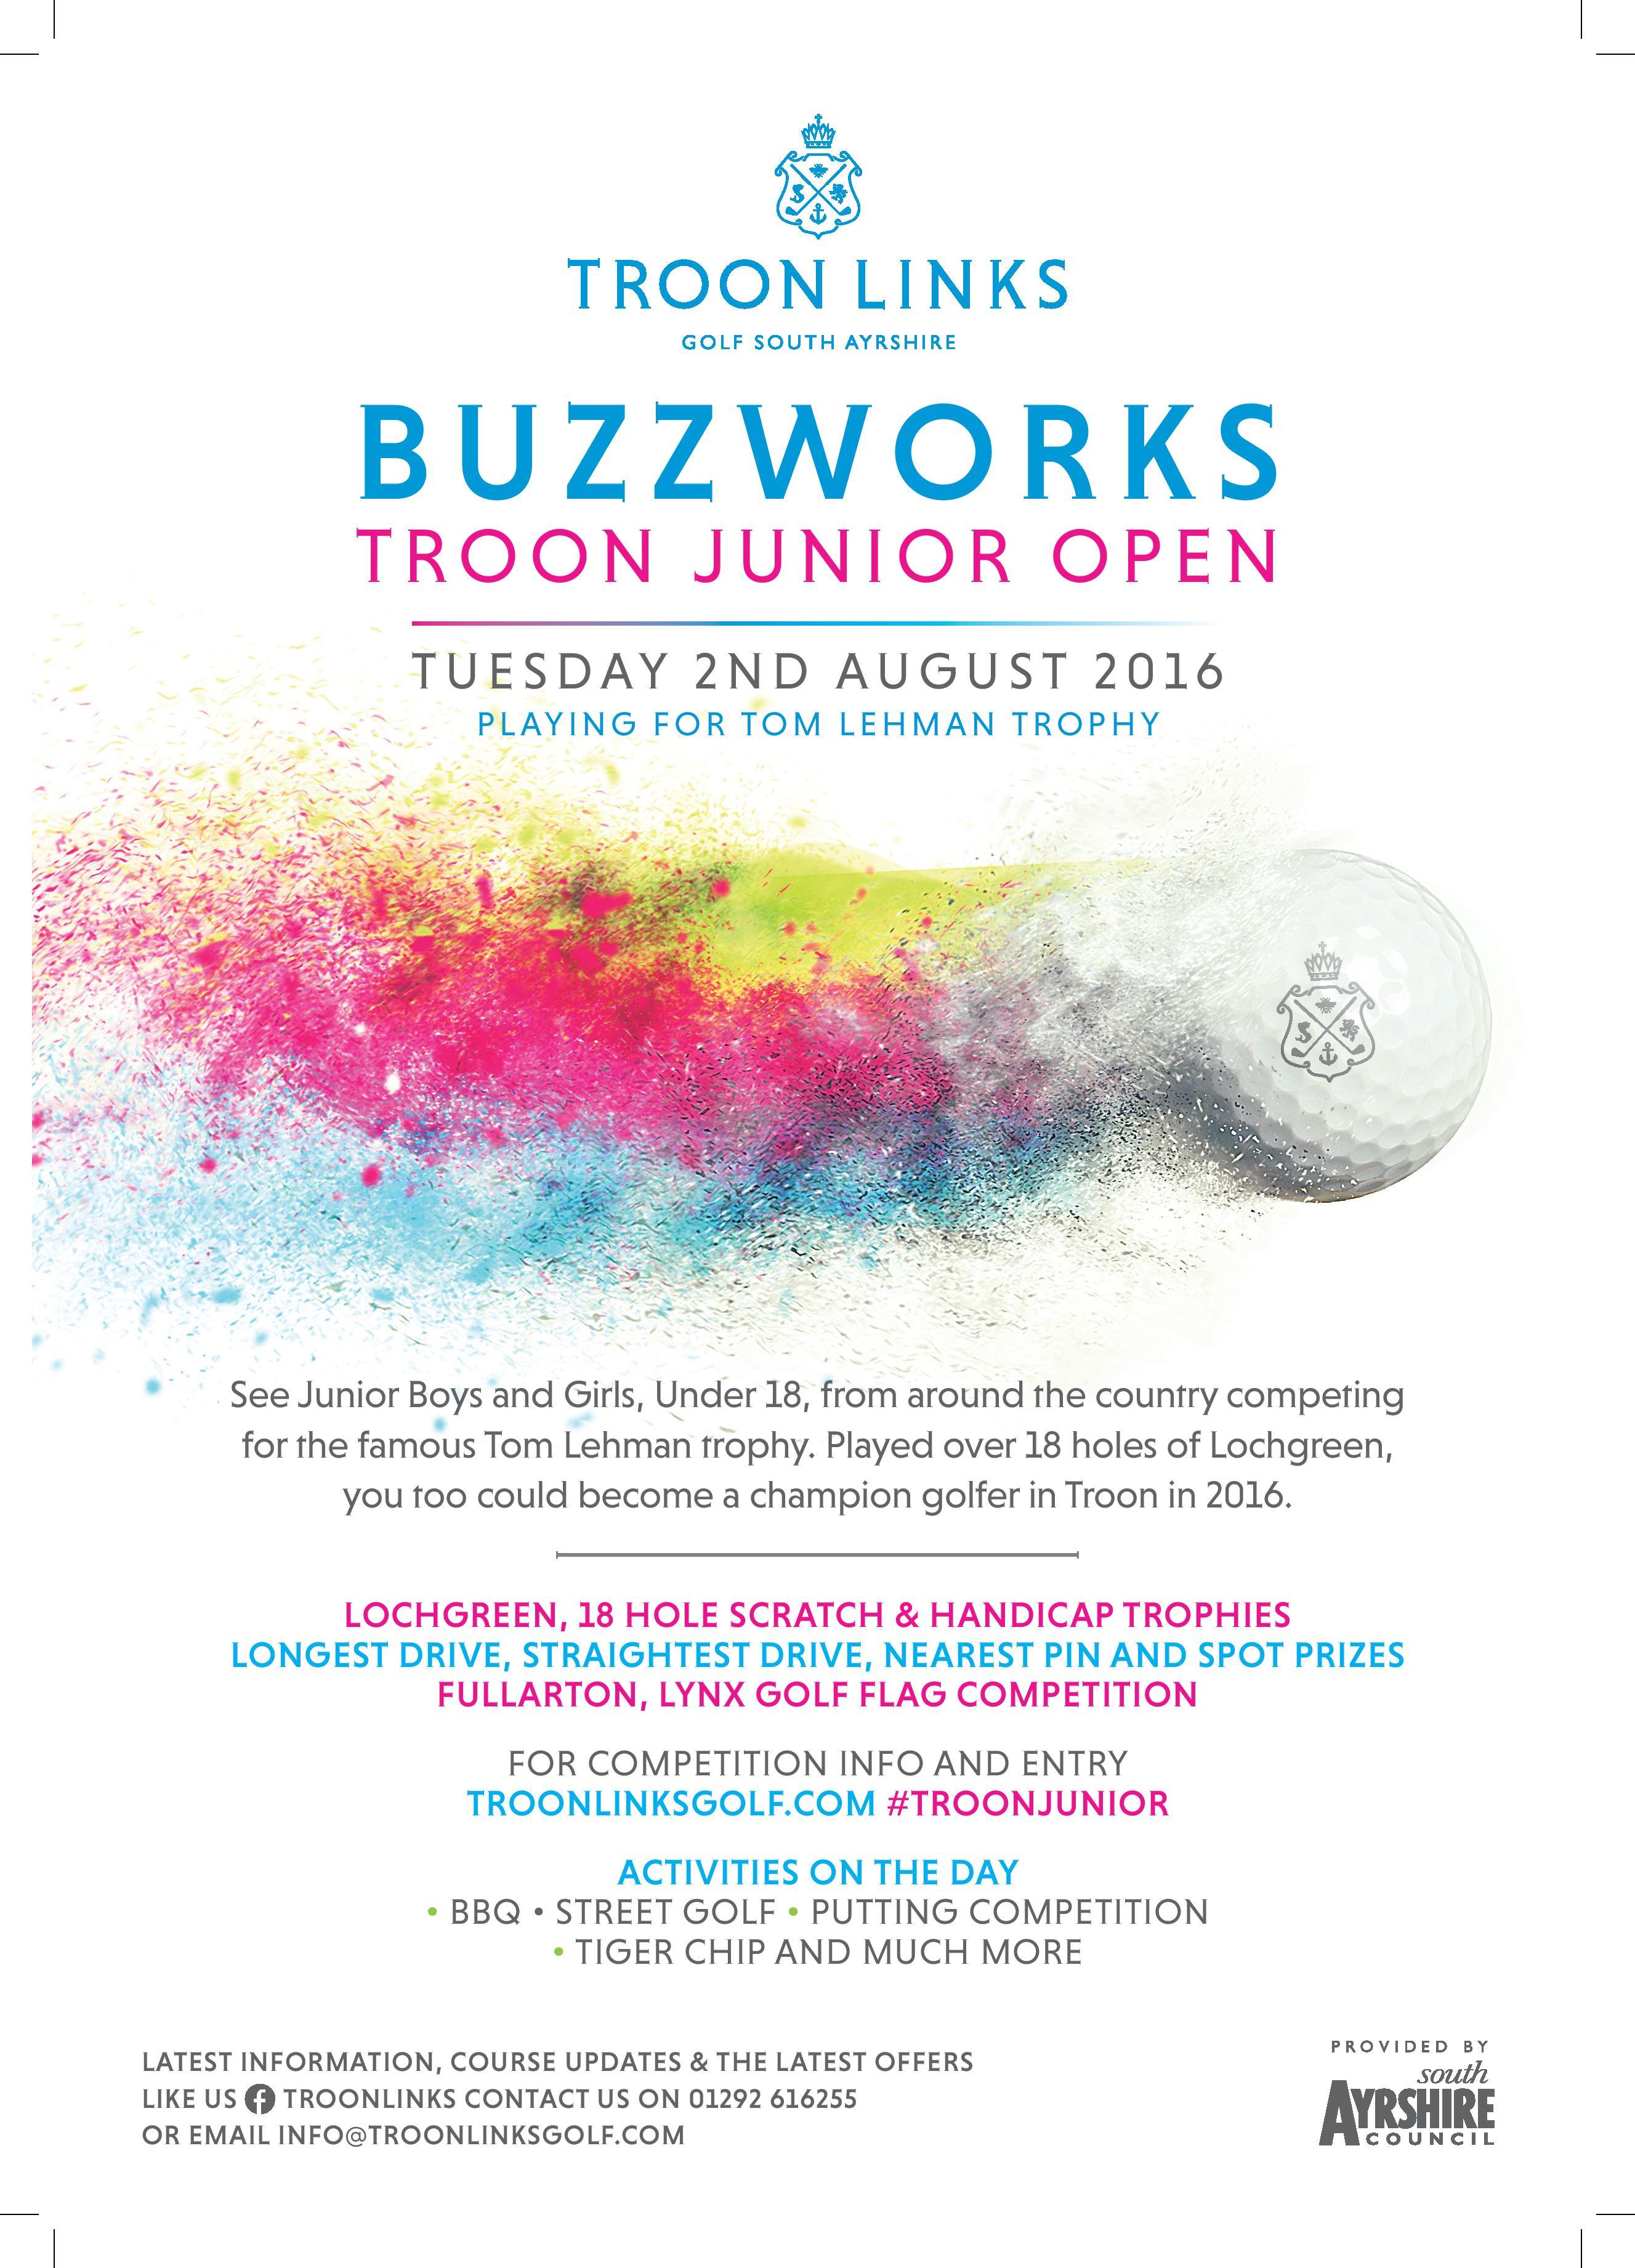 Buzzworks Troon Junior Open